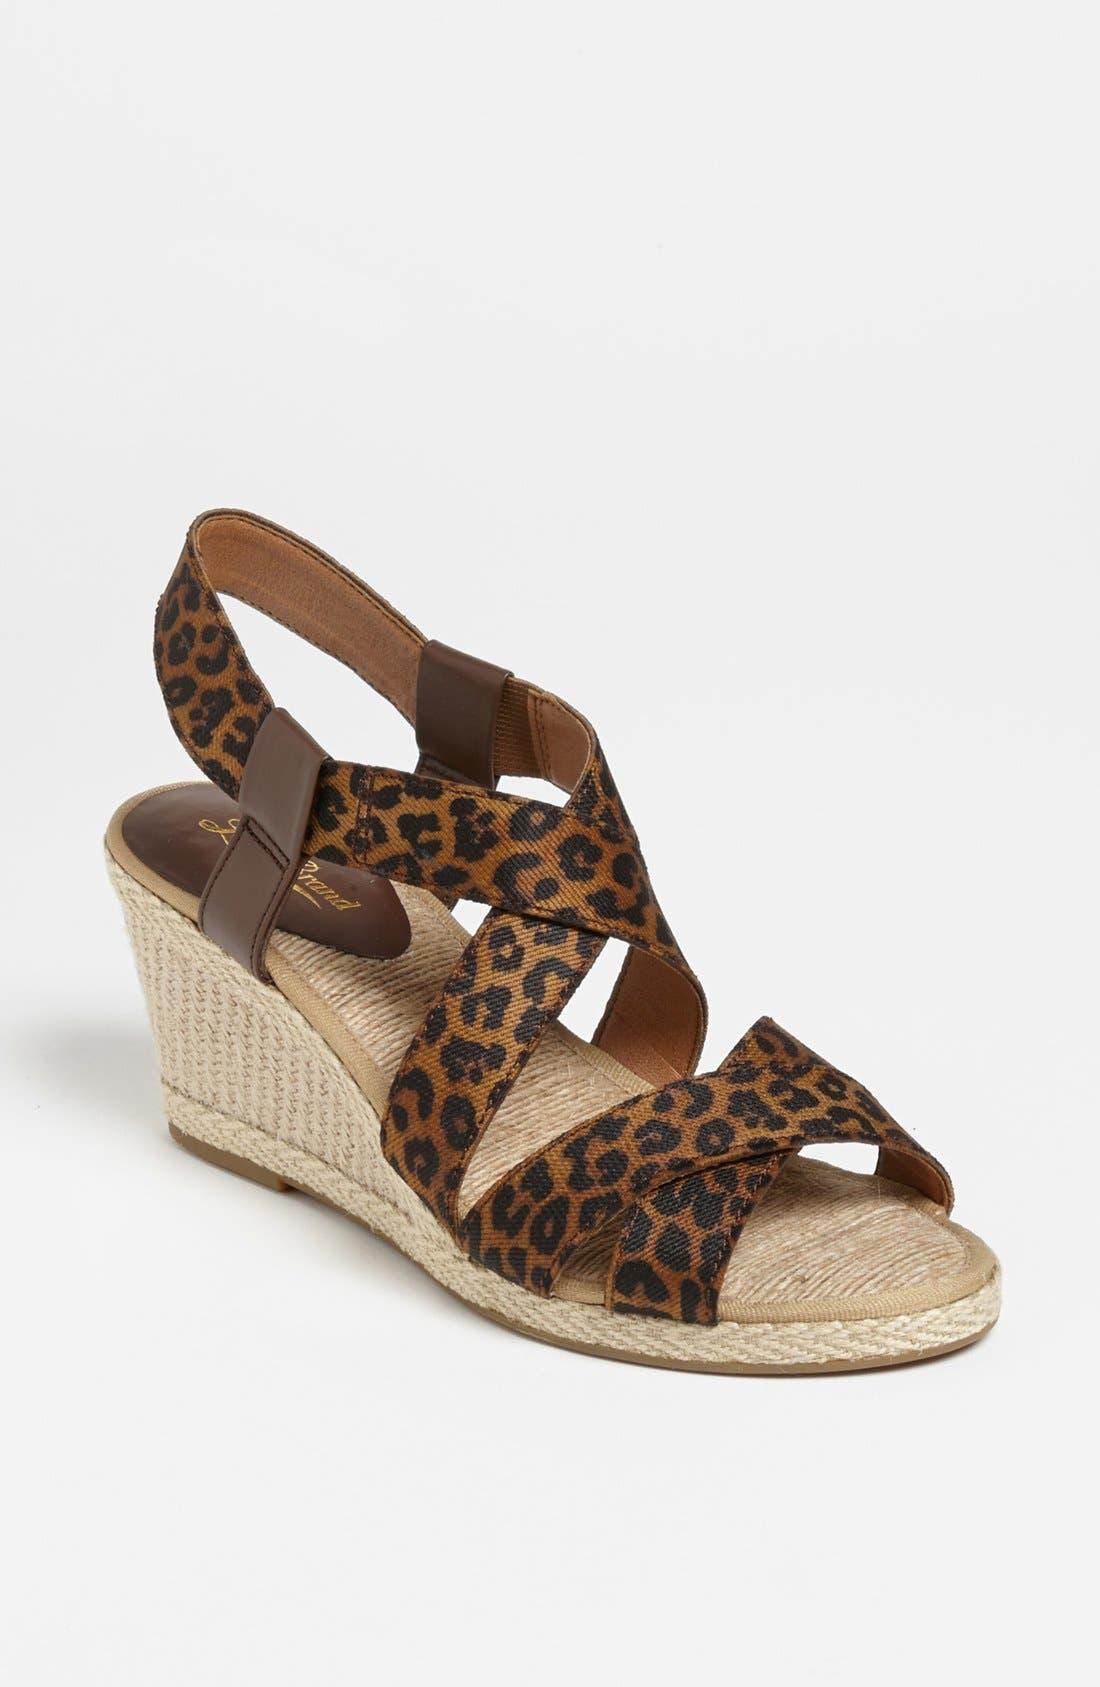 Main Image - Lucky Brand 'Keane' Wedge Sandal